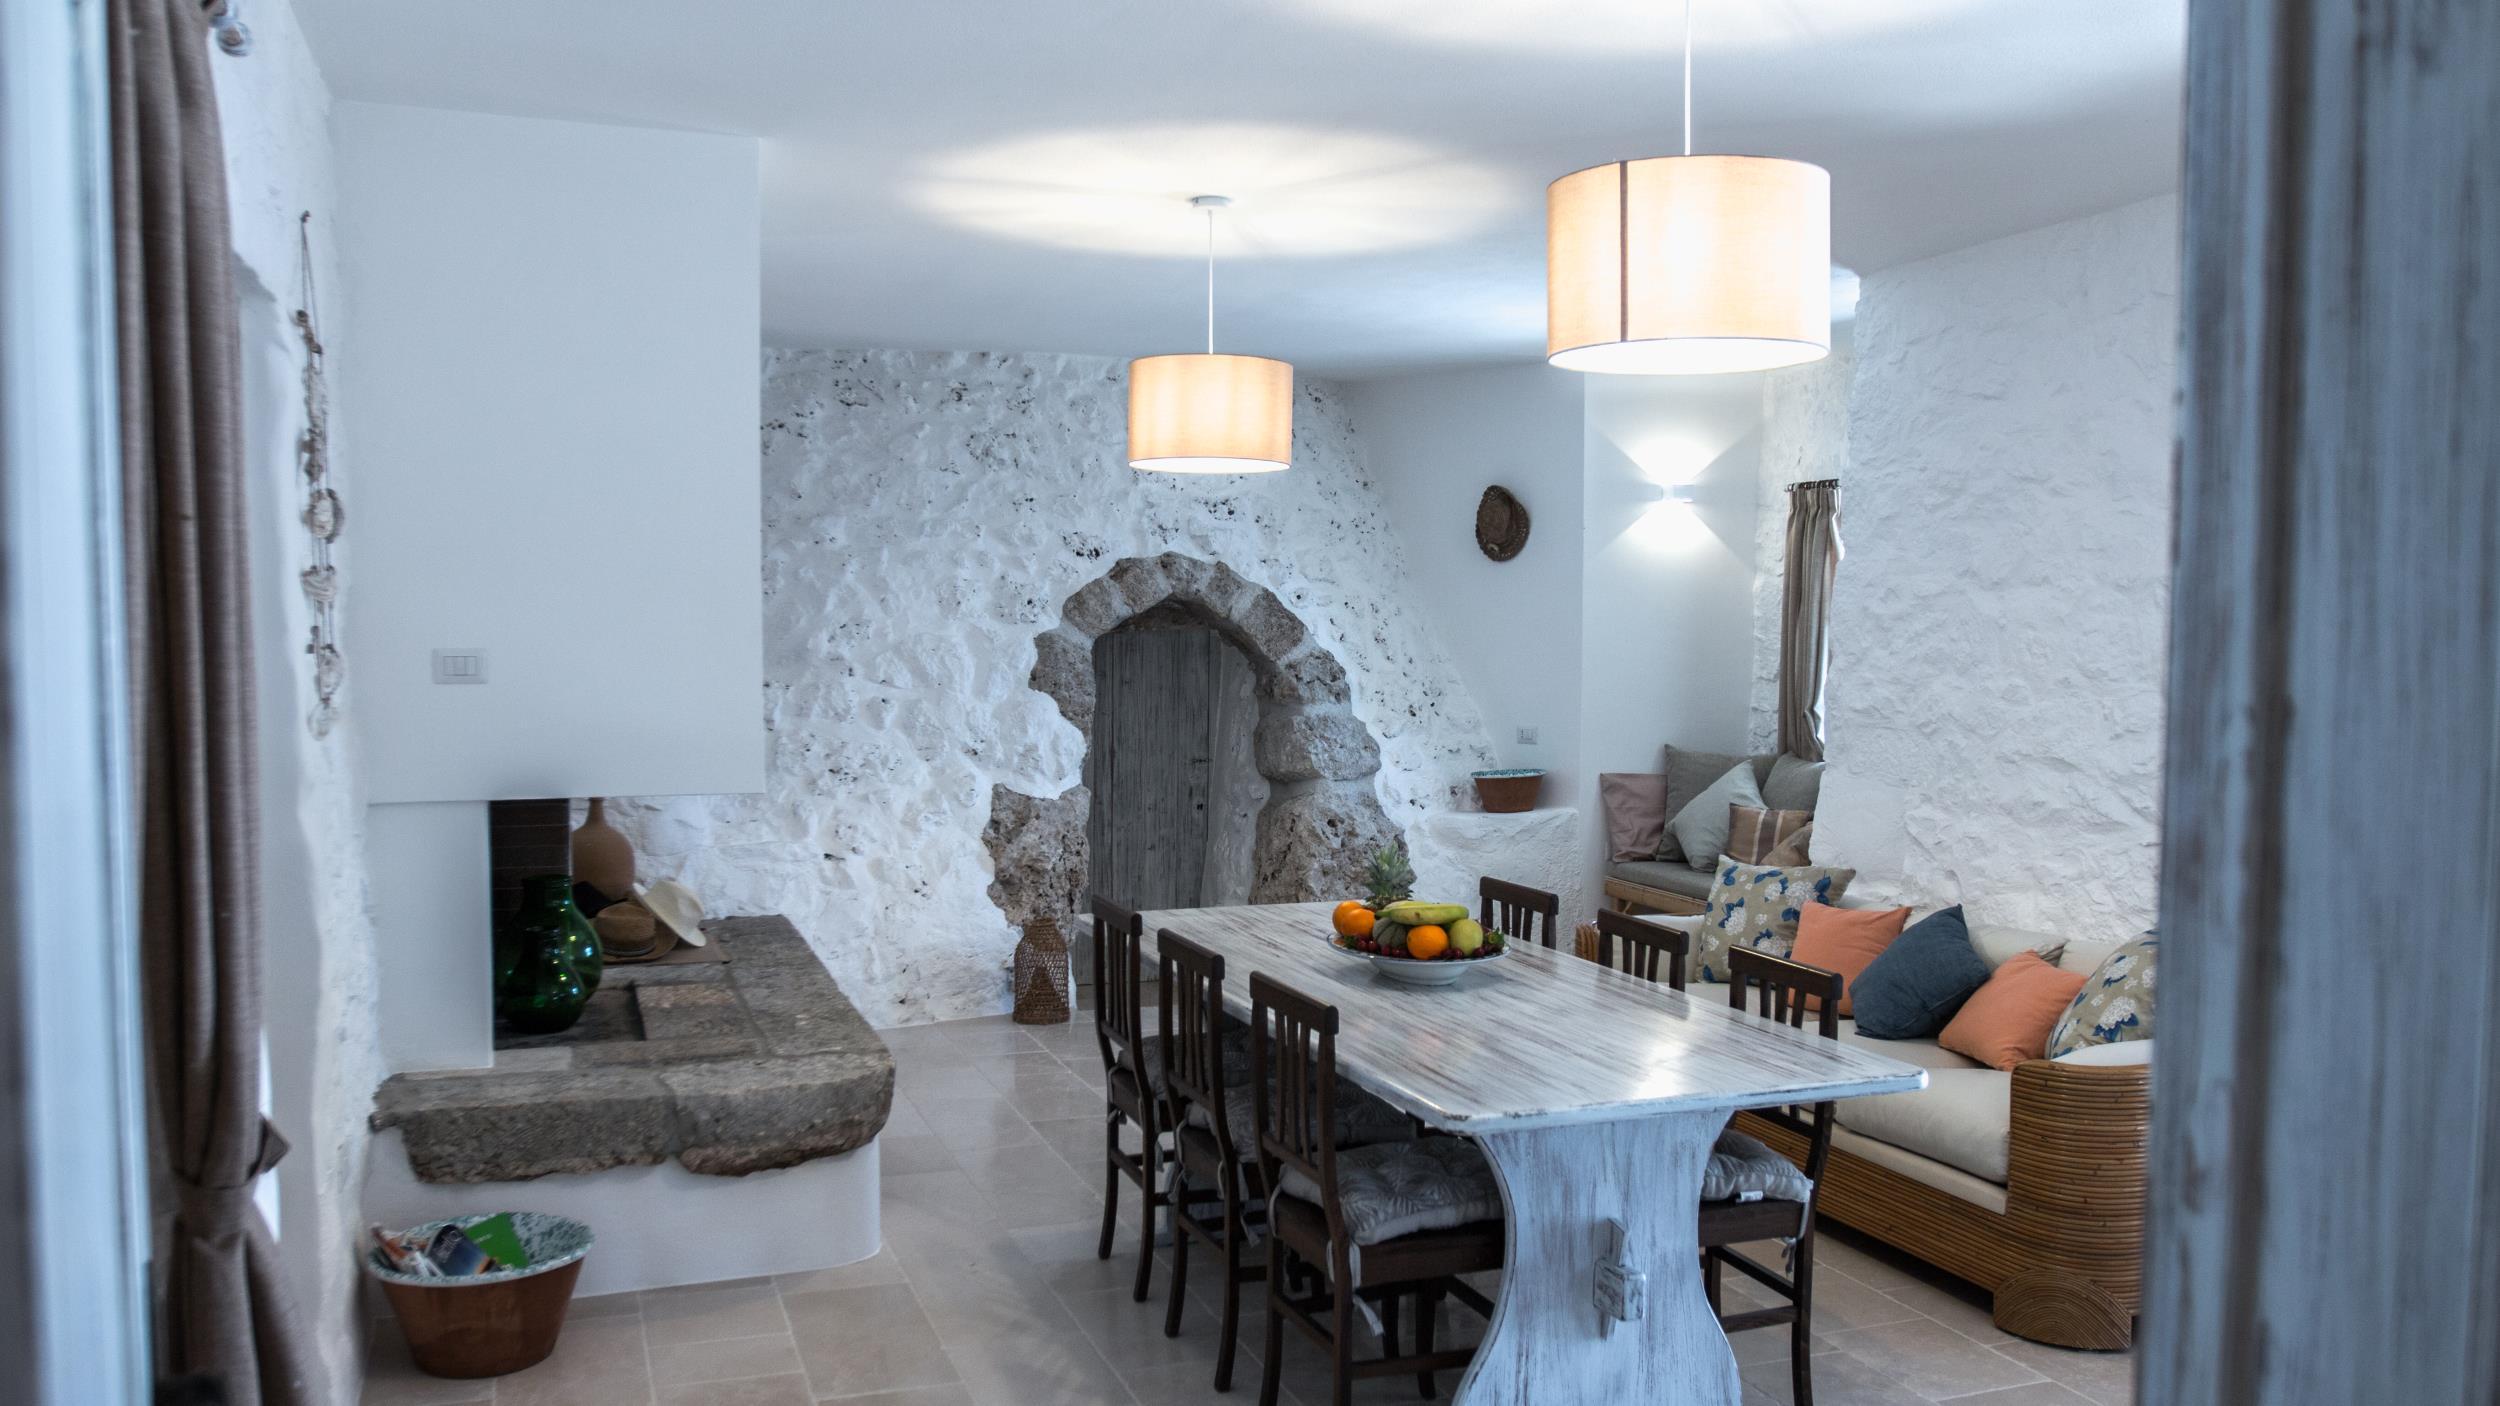 Apartment Albachiara pool house photo 22514404